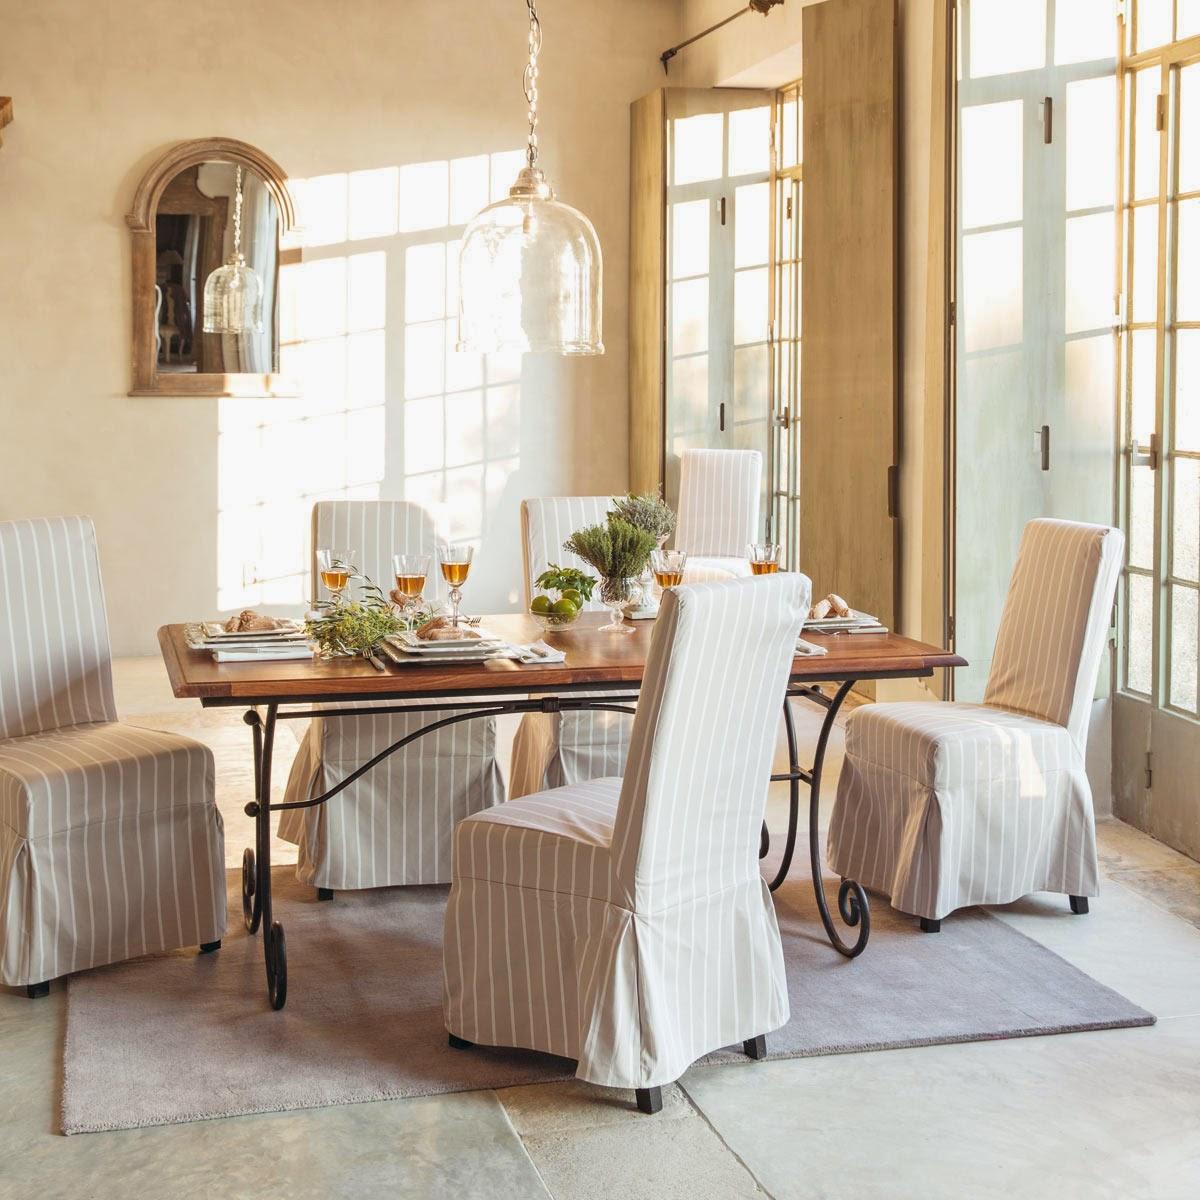 Mgc dise o de interiores renovando las sillas de nuestro - Fundas de sillas ...